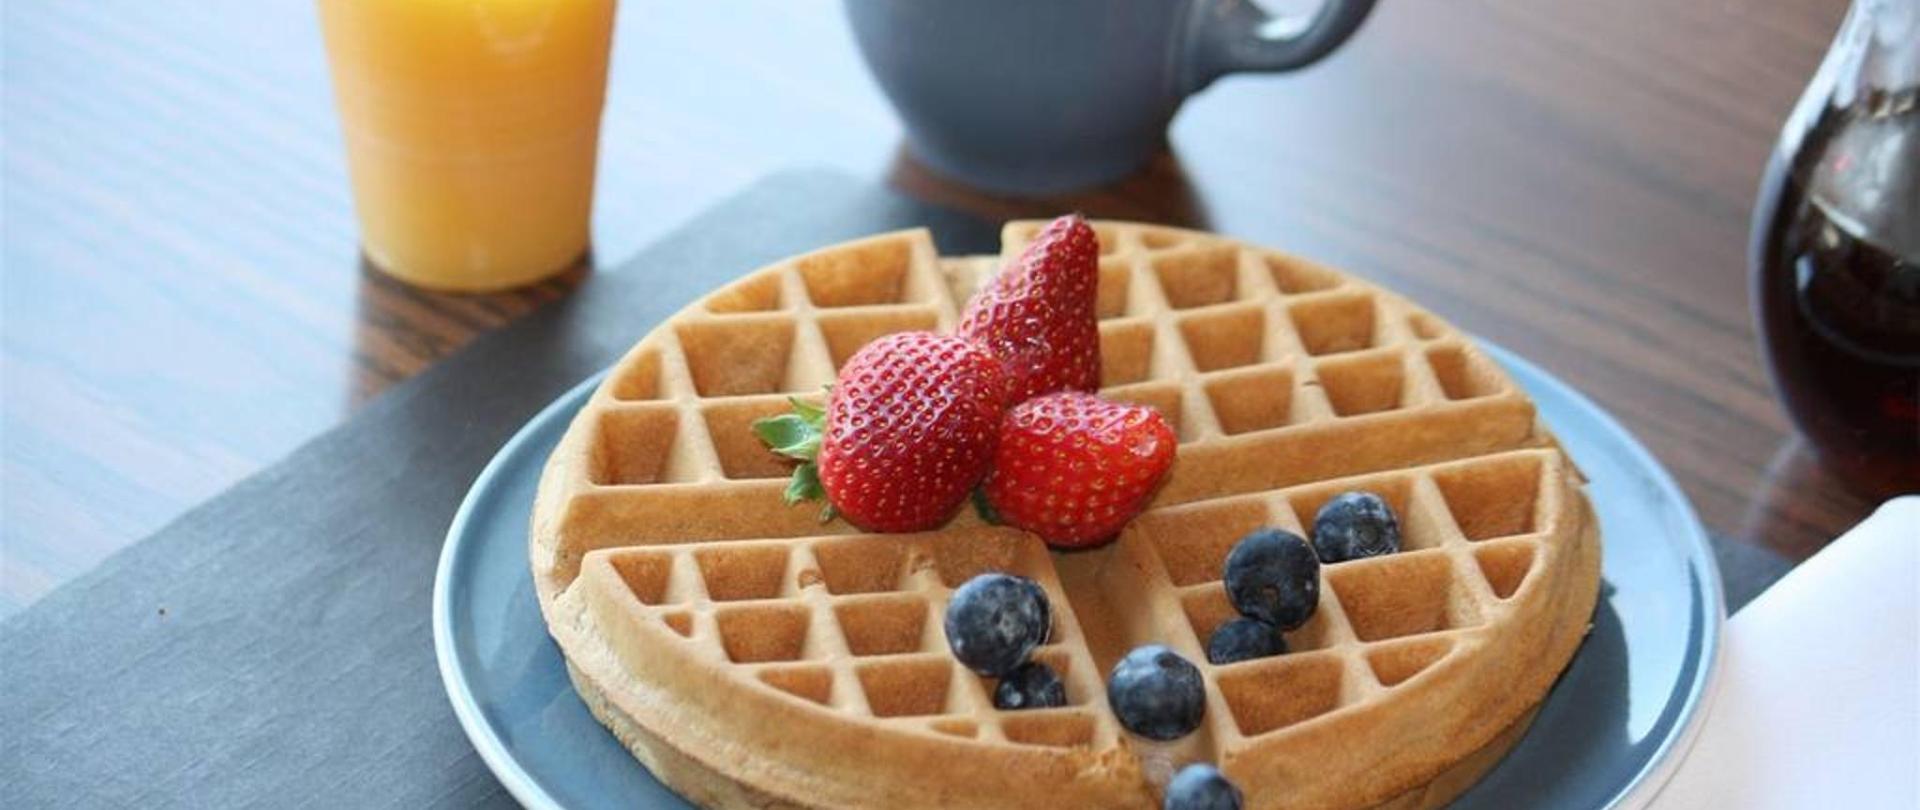 03-delicious-waffles.JPG.1024x0.JPG